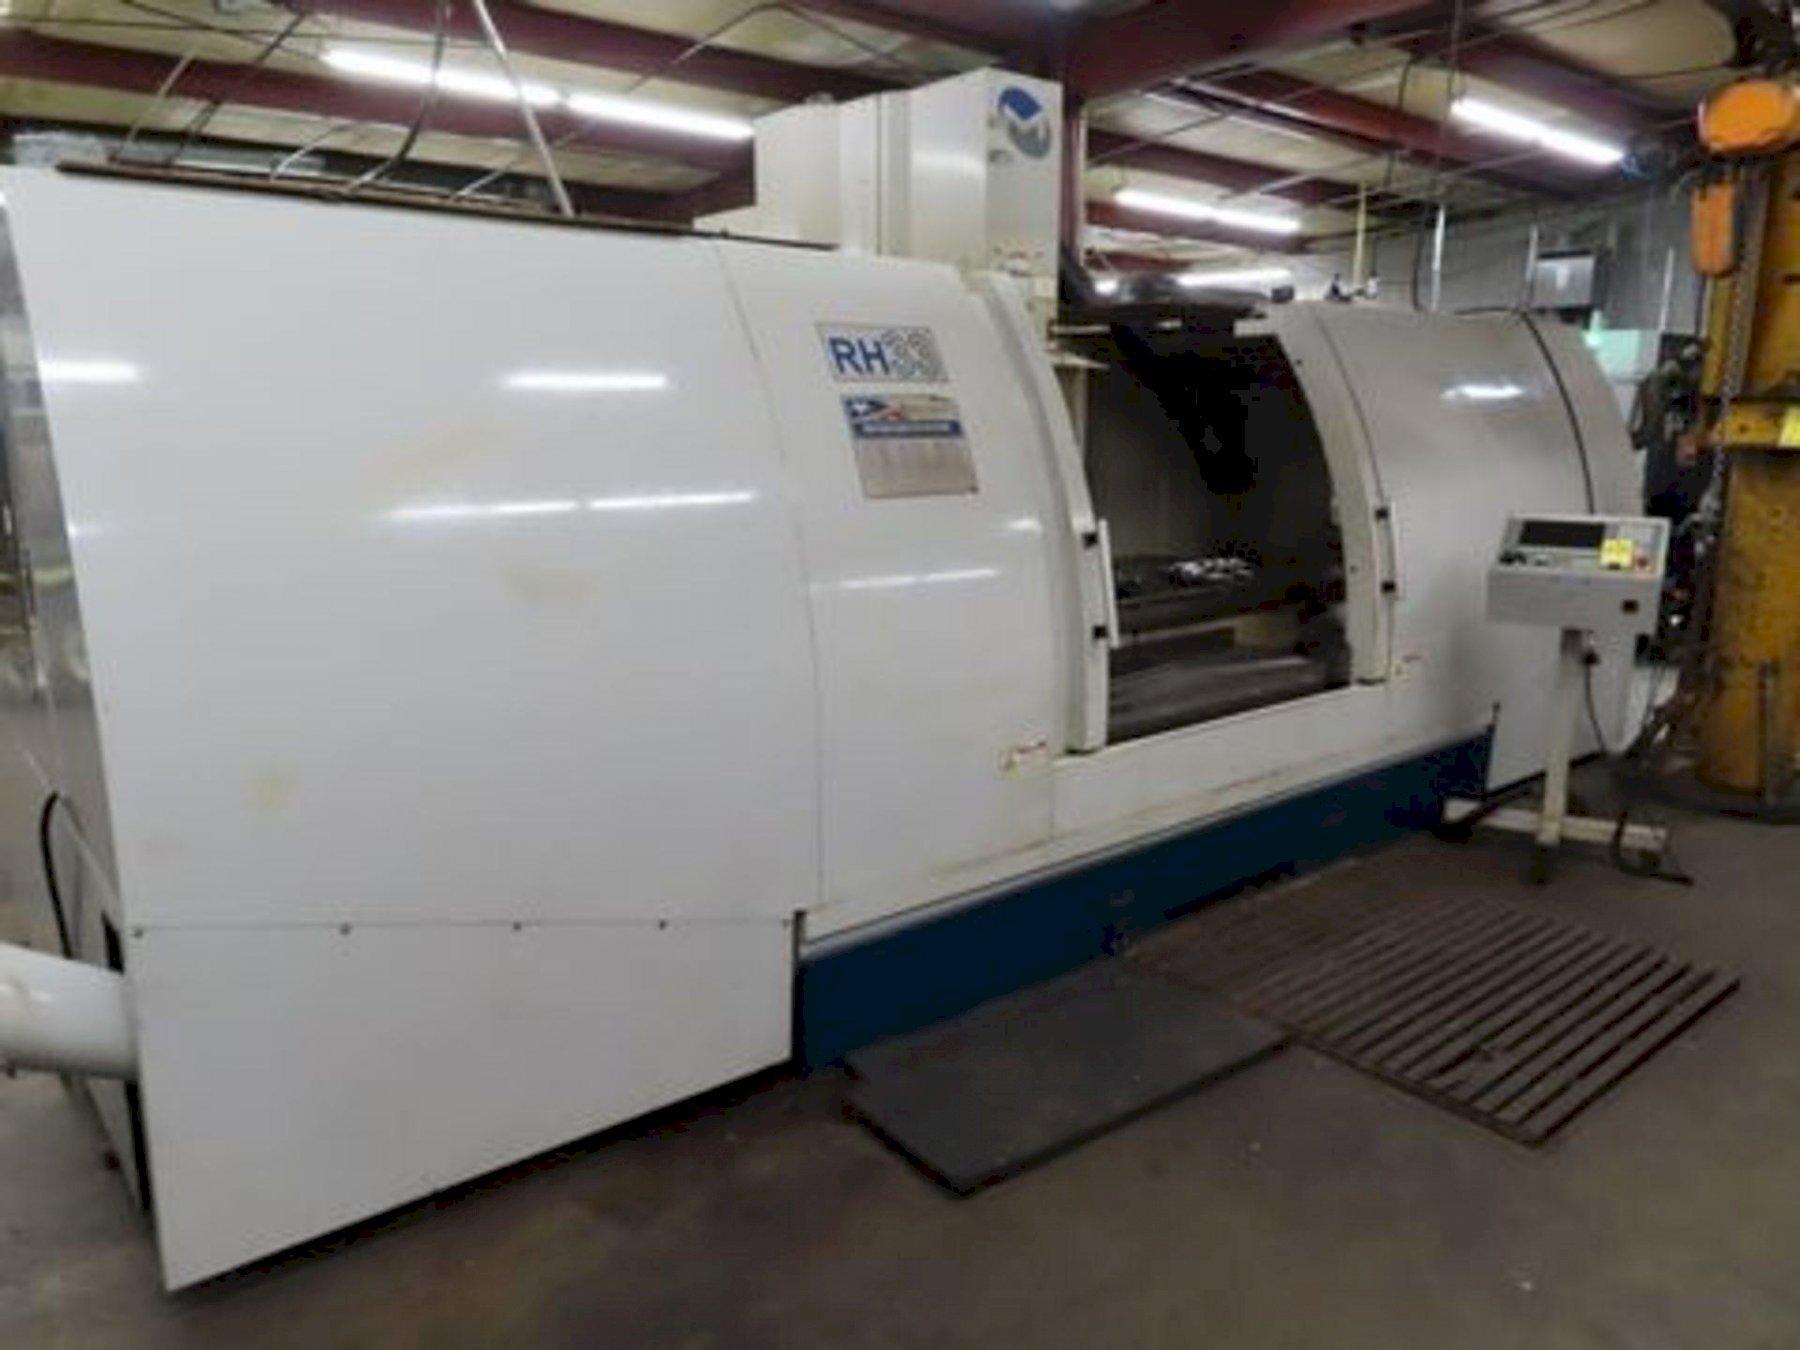 MILLTRONICS RH 33 SERIES F 3-AXIS CNC VERTICAL MACHINING CENTER